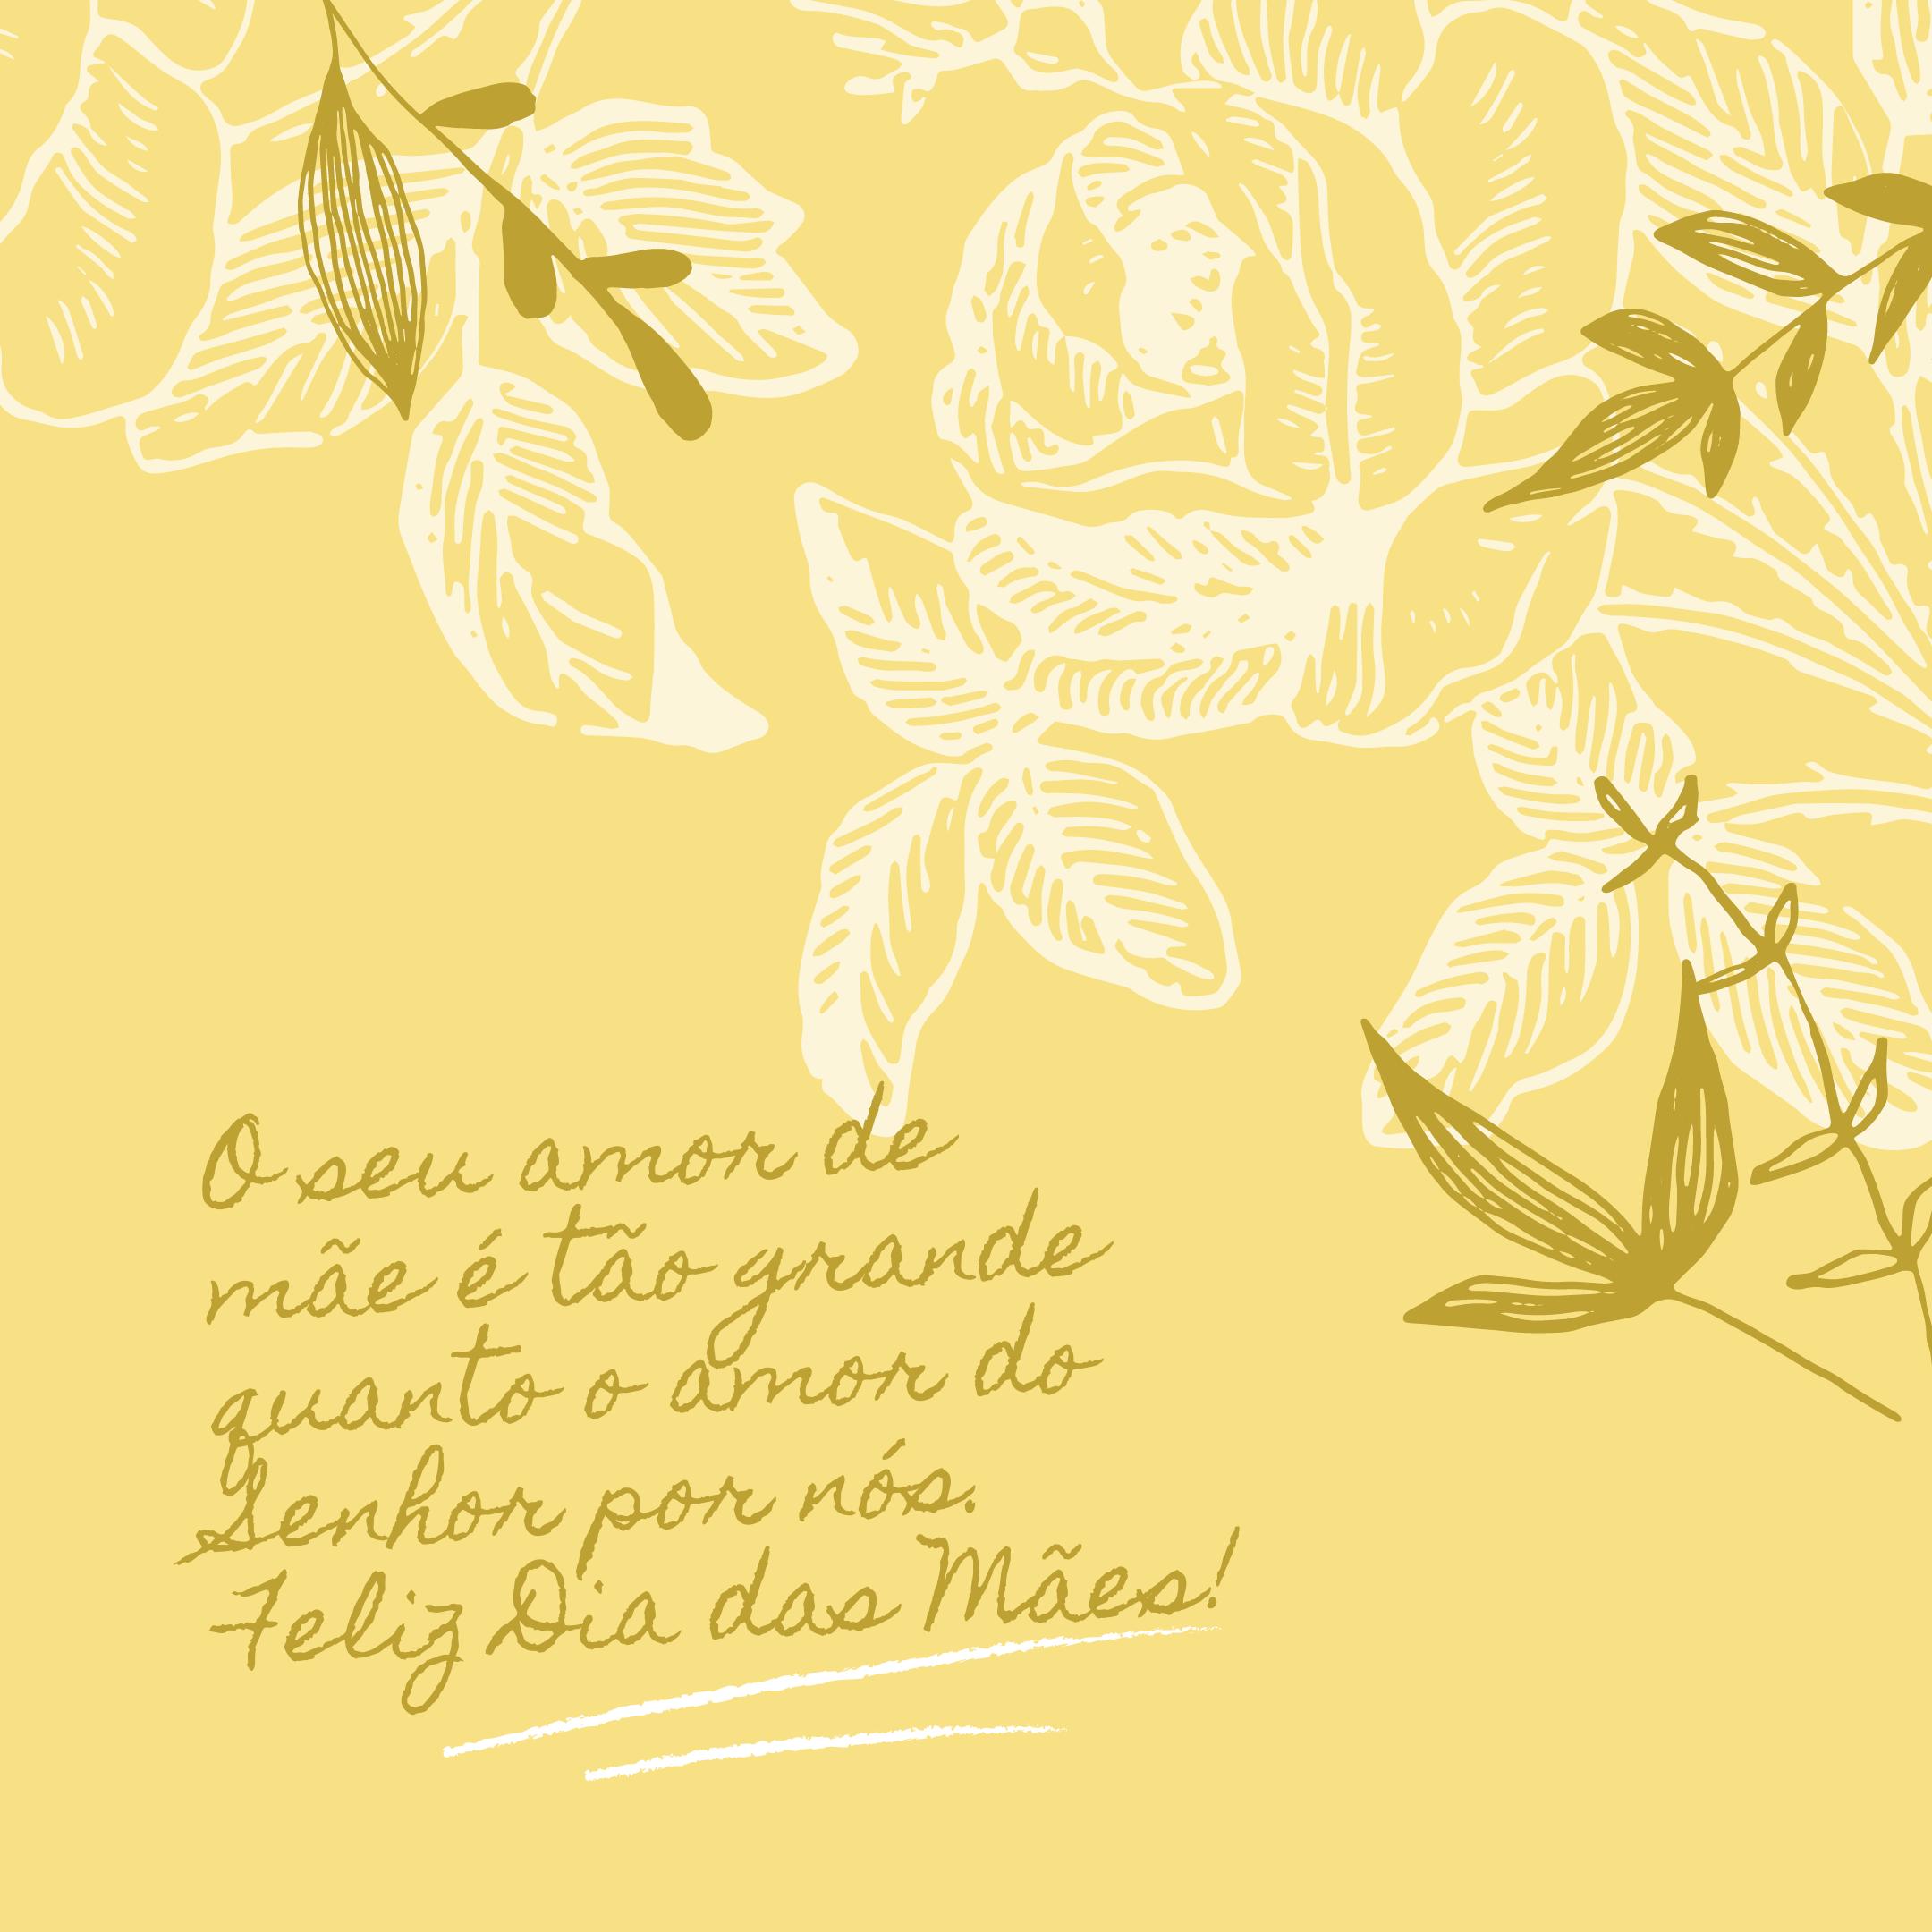 O seu amor de mãe é tão grande quanto o amor do Senhor por nós. Feliz Dia das Mães!